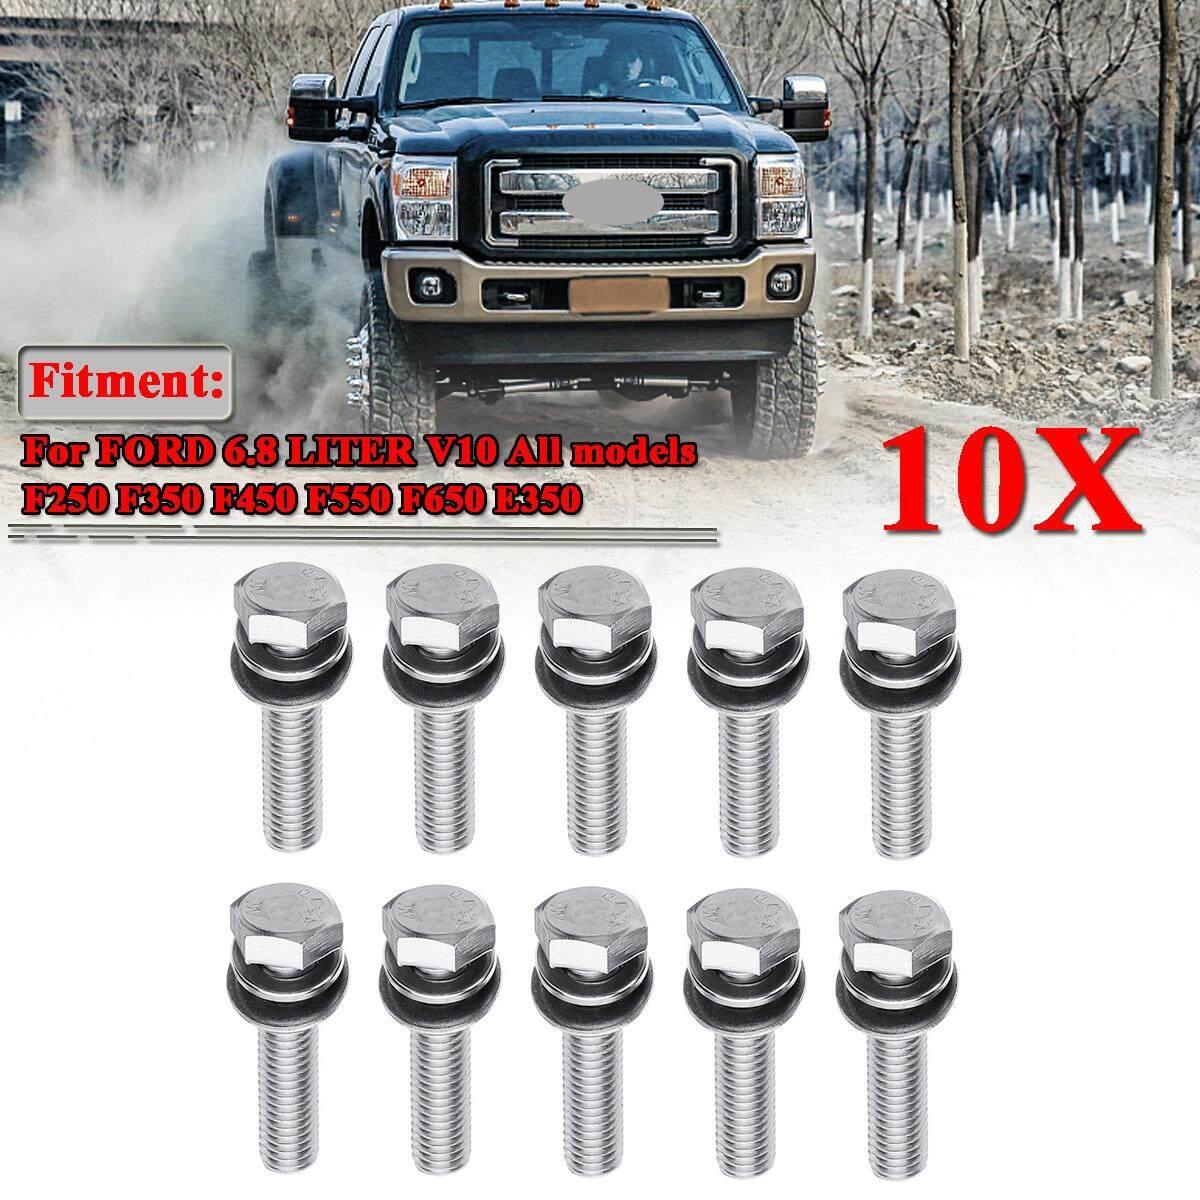 【free Pengiriman + Flash Deal】stainless Steel Exhaust Manifold Kancing Baut Stud Perlengkapan Mur Untuk Ford 6.8 Liter V10 By Autoleader.